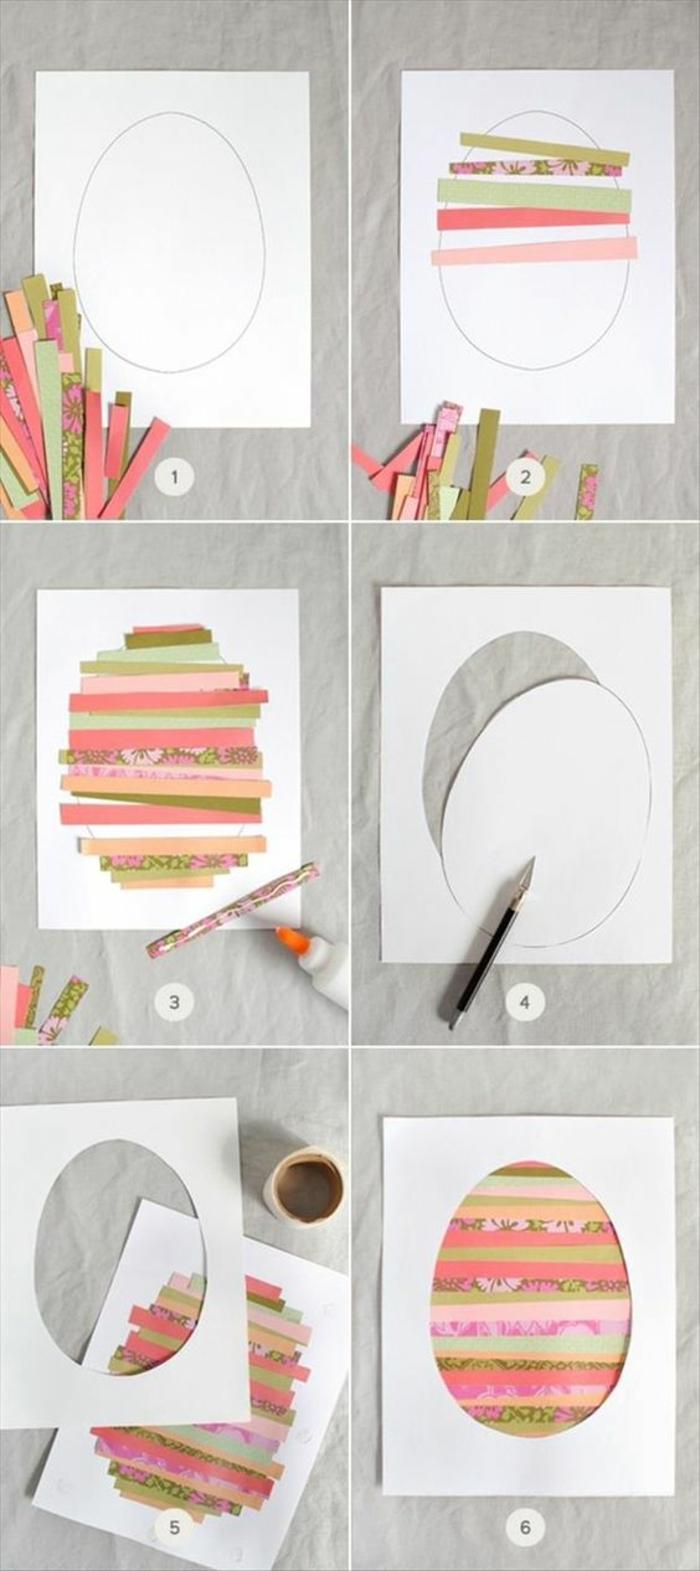 idée comment fabriquer une carte de paqus avec des bandes de papier multicolores, tutoriel carte de voeux originale, motifs divers, oeuf de paques